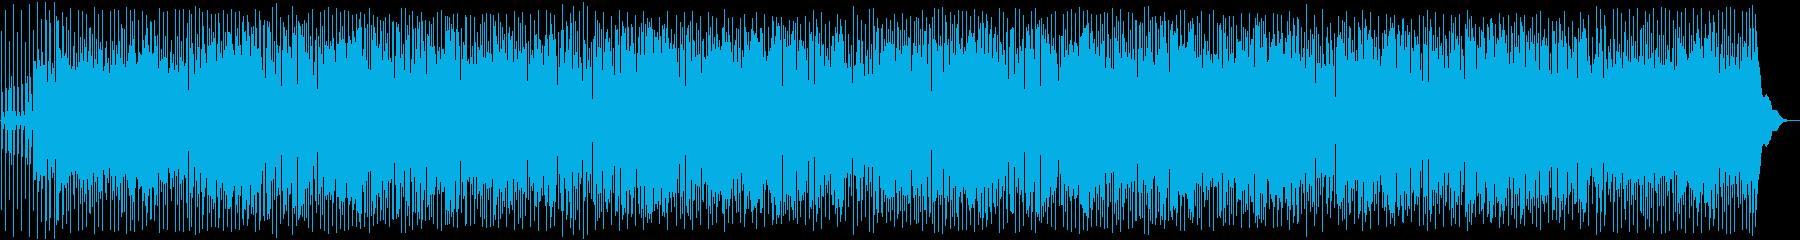 ダークでジャジーな雰囲気のポップスBGMの再生済みの波形